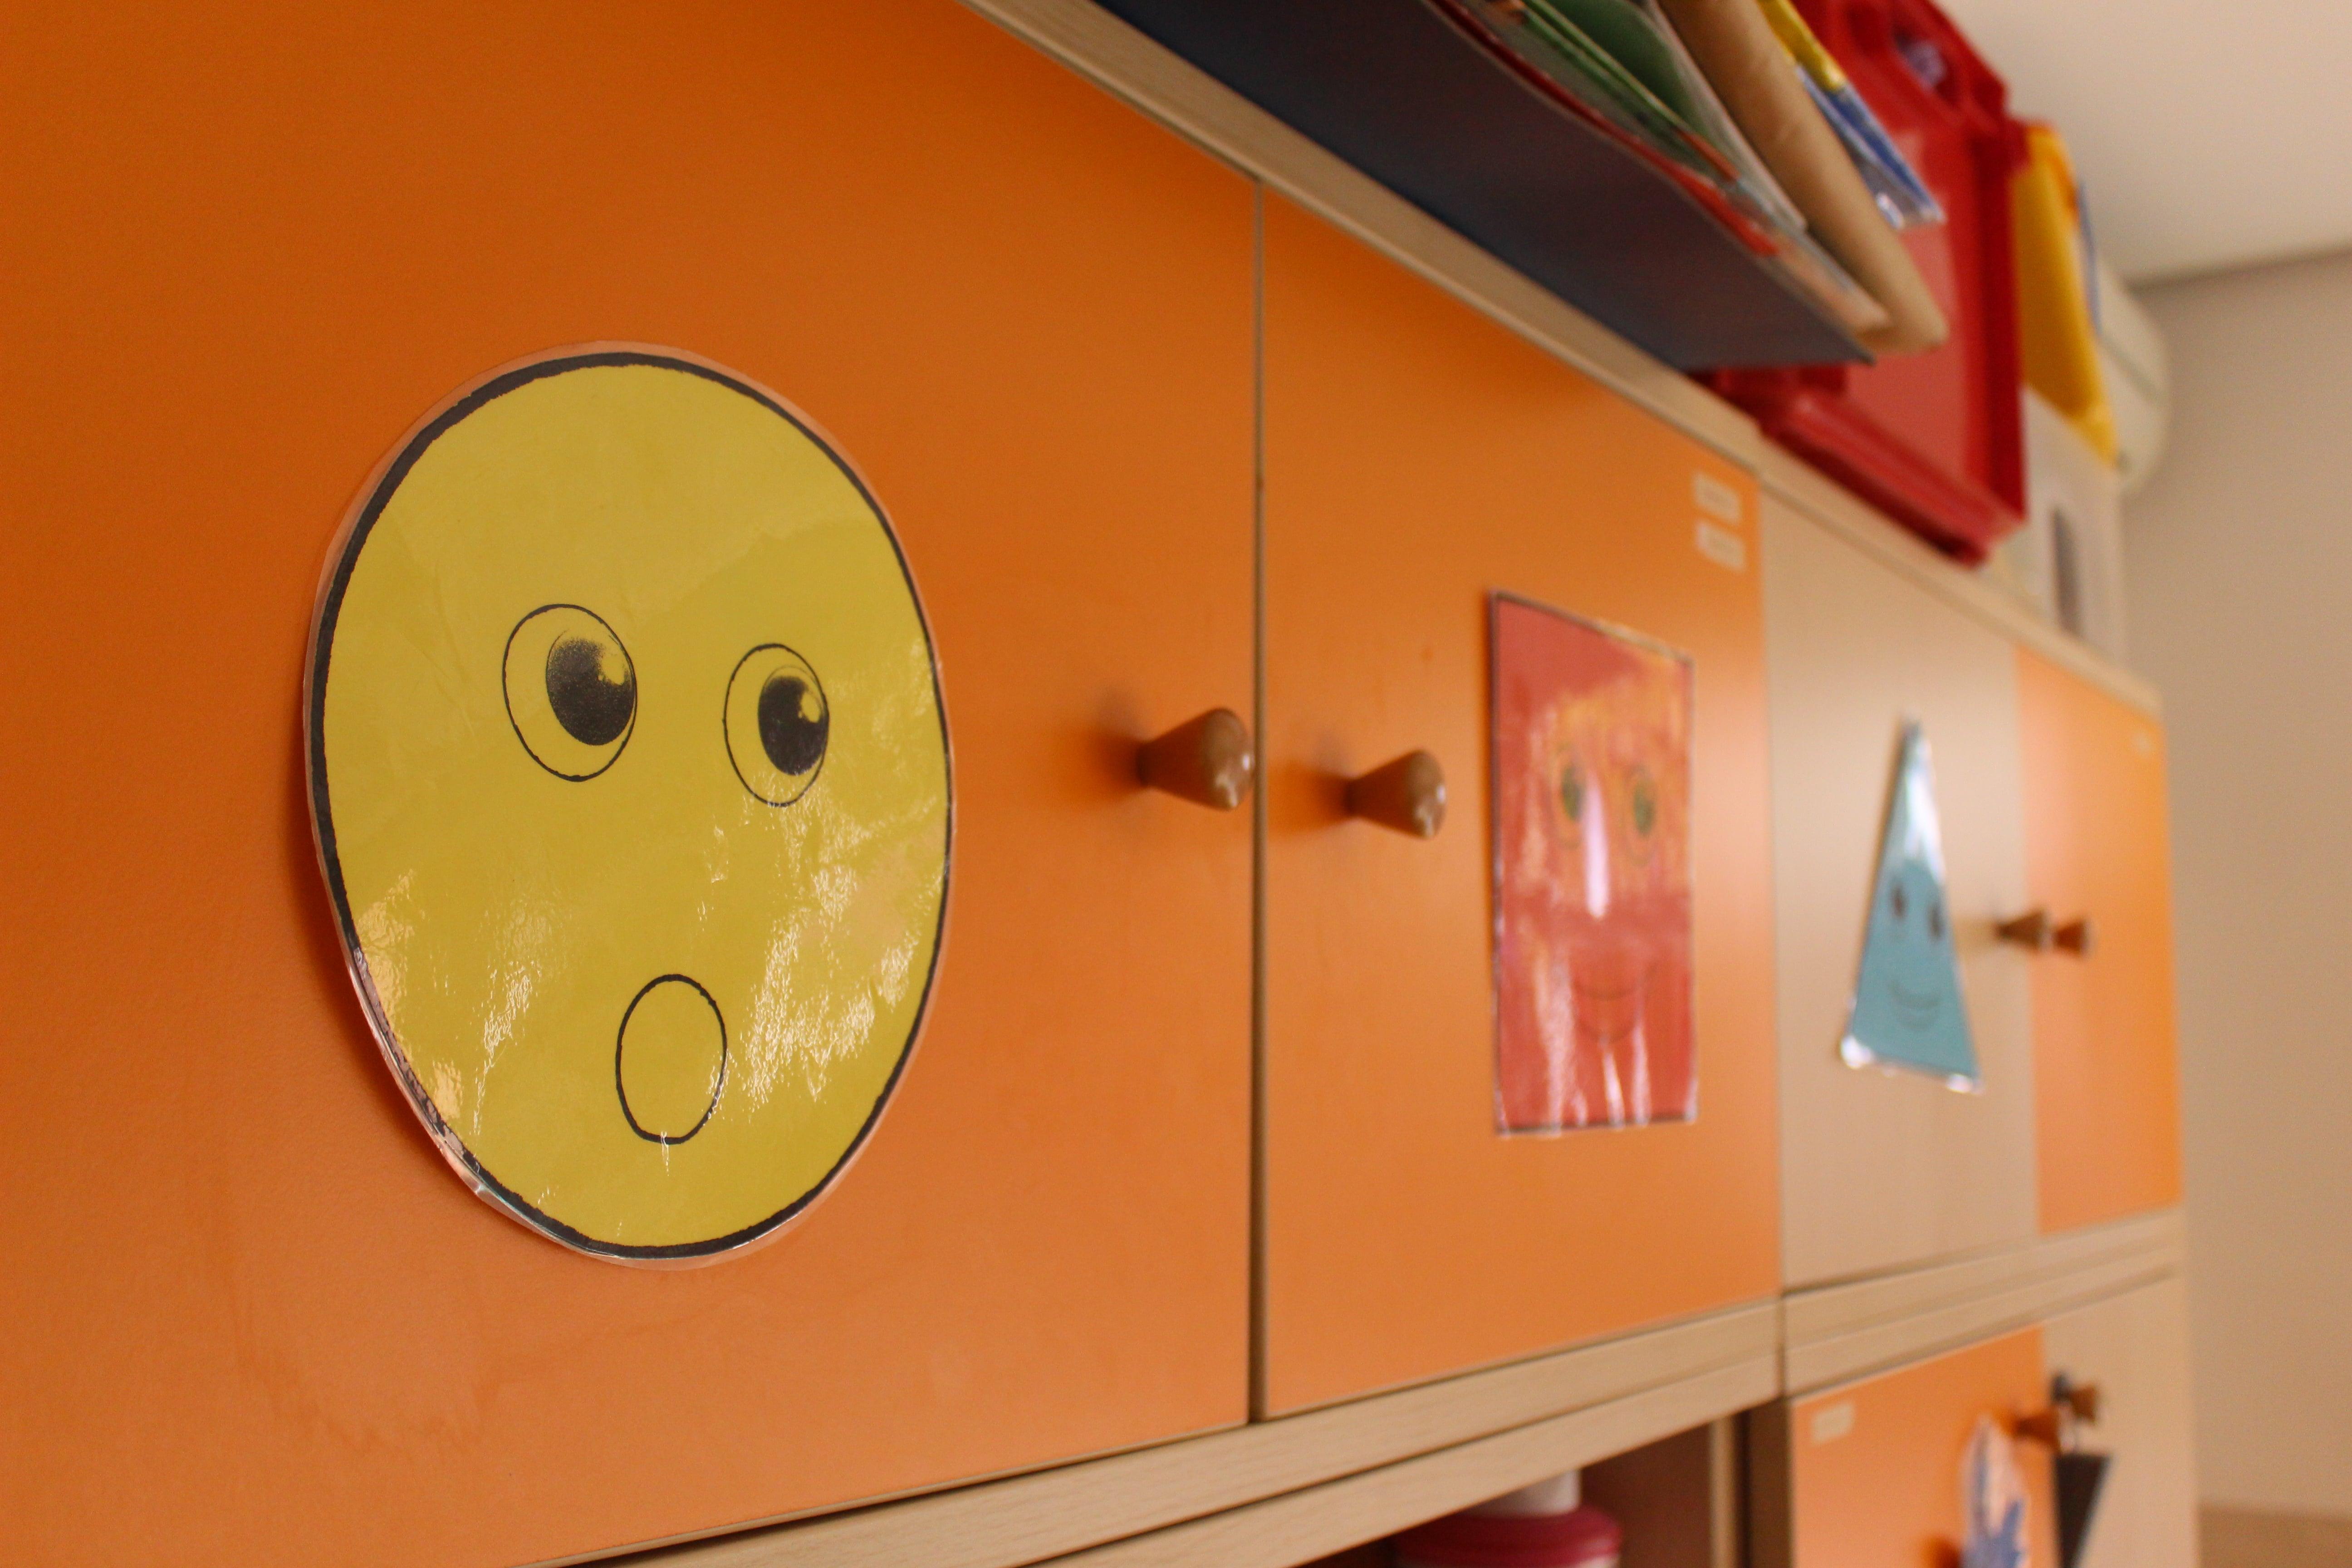 escuela infantil bilingüe en Valencia - armario naranja